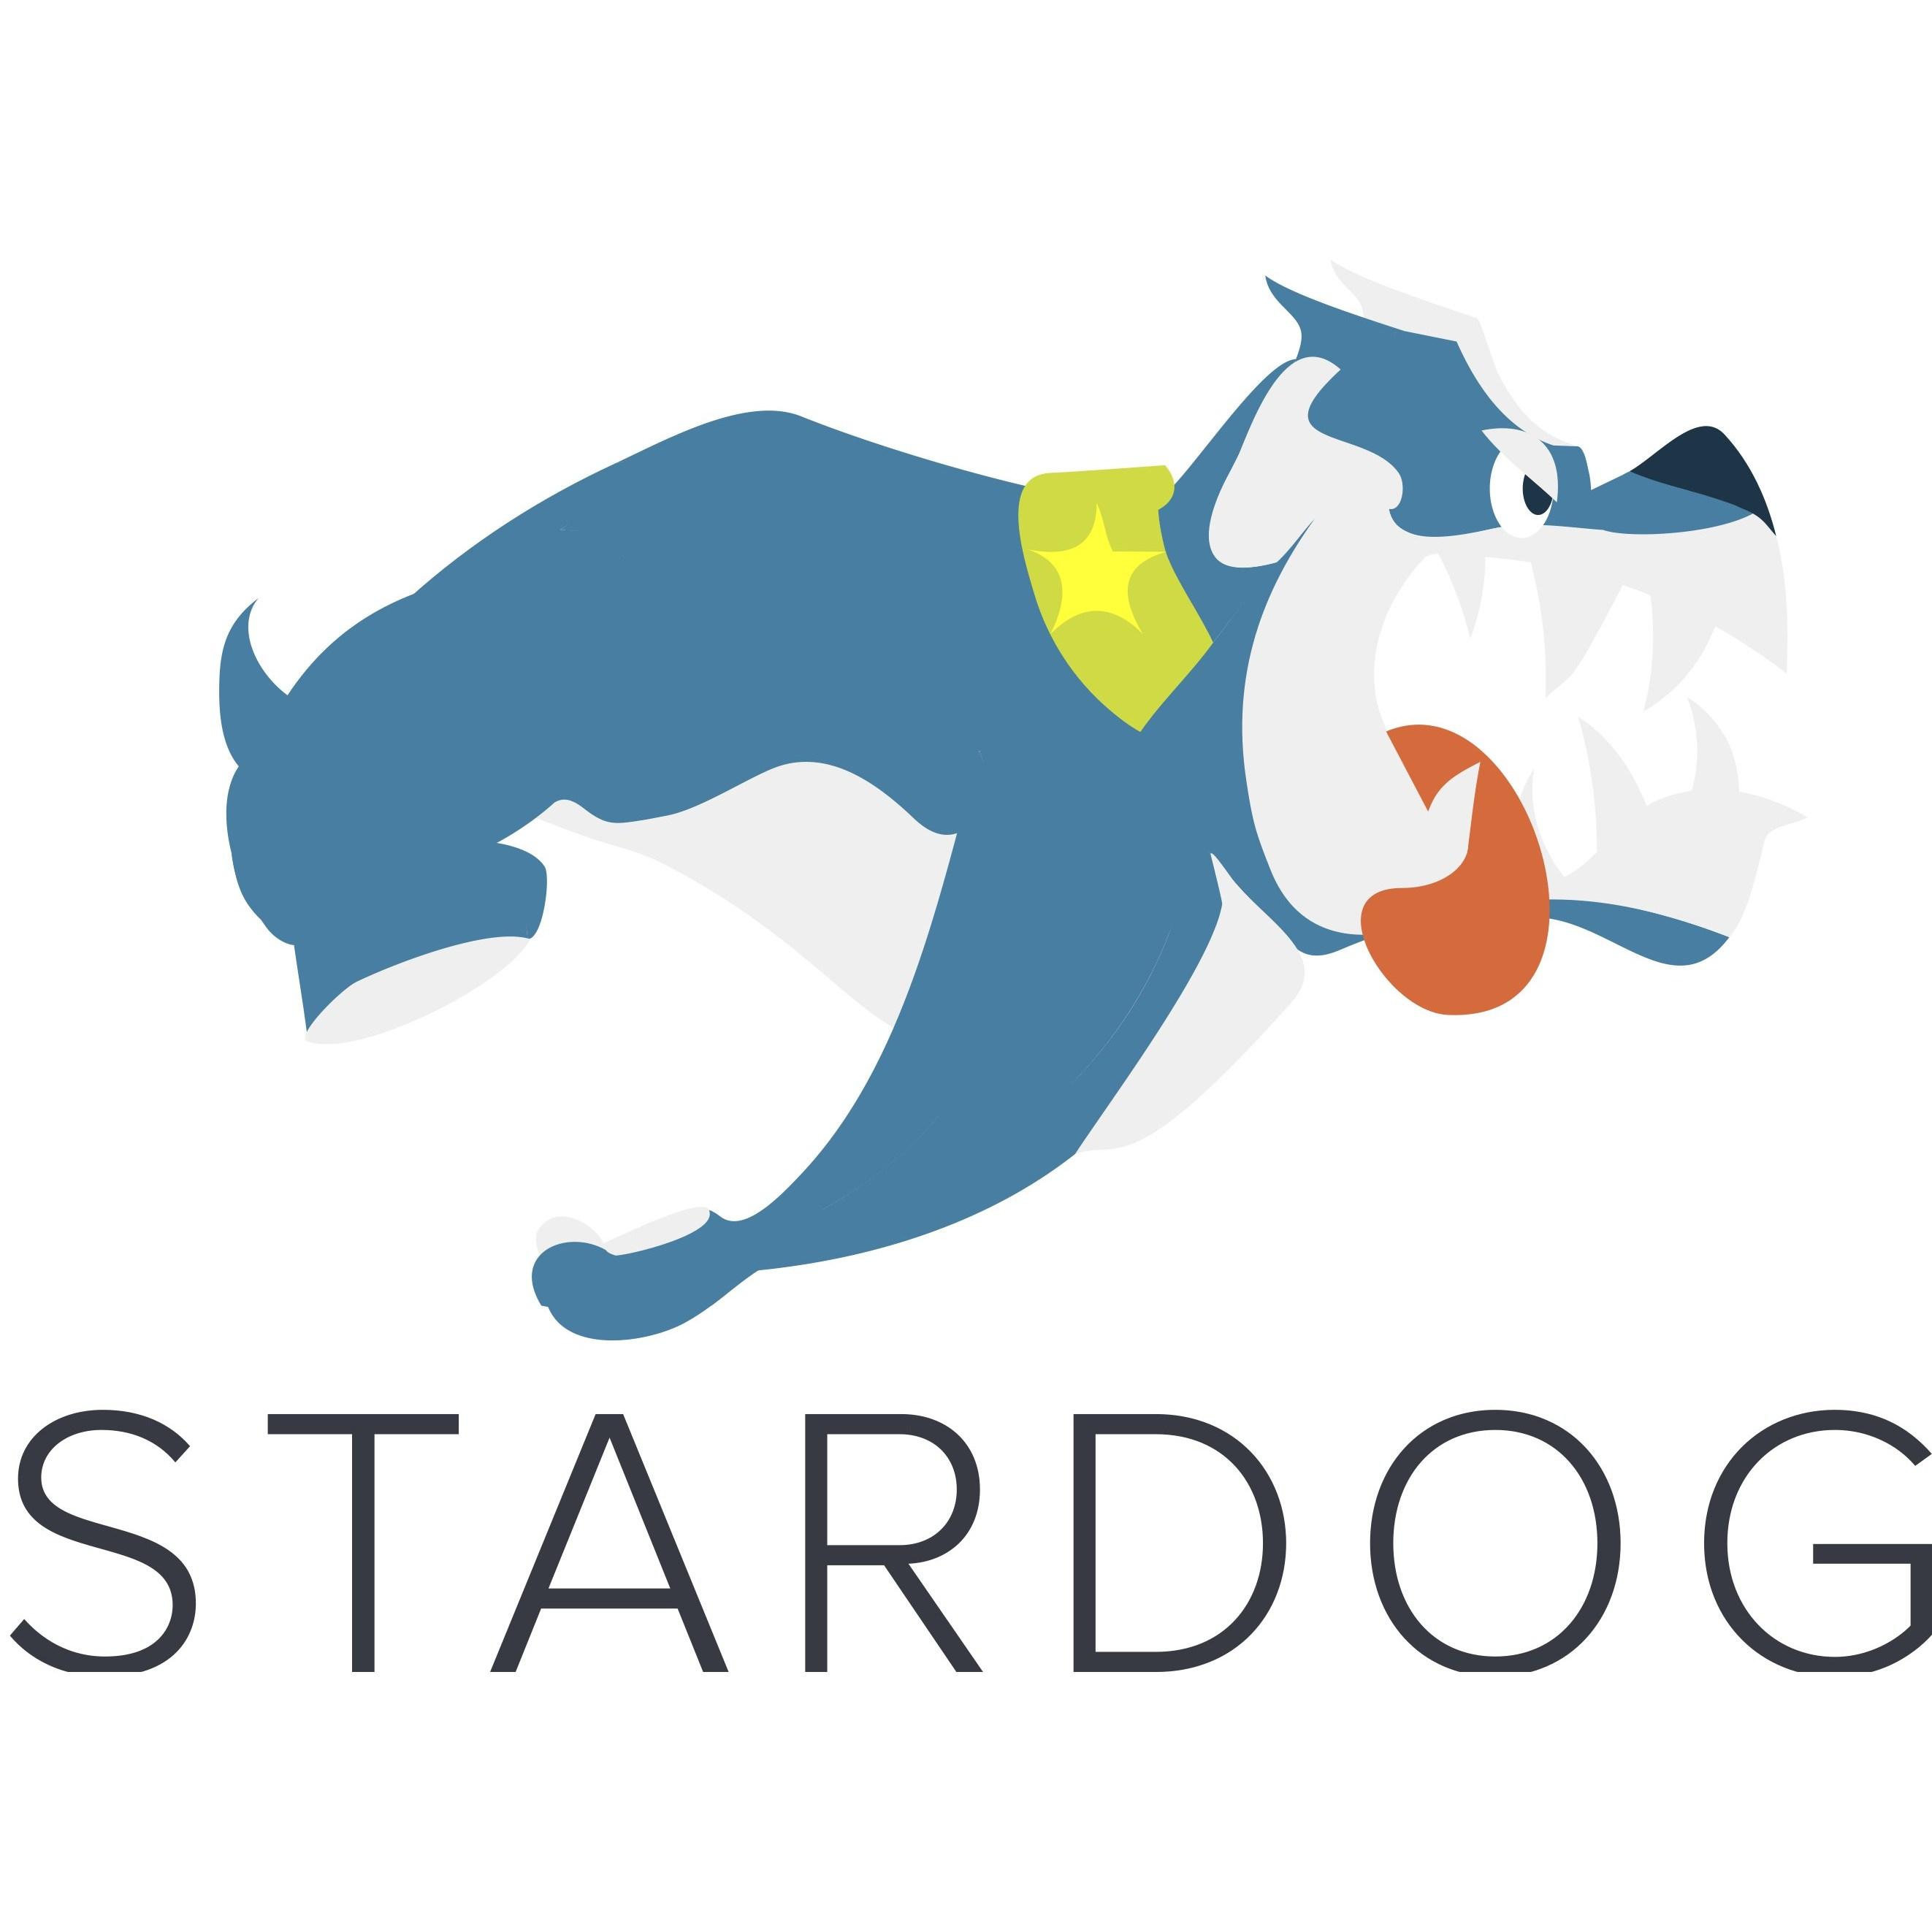 Stardog Union